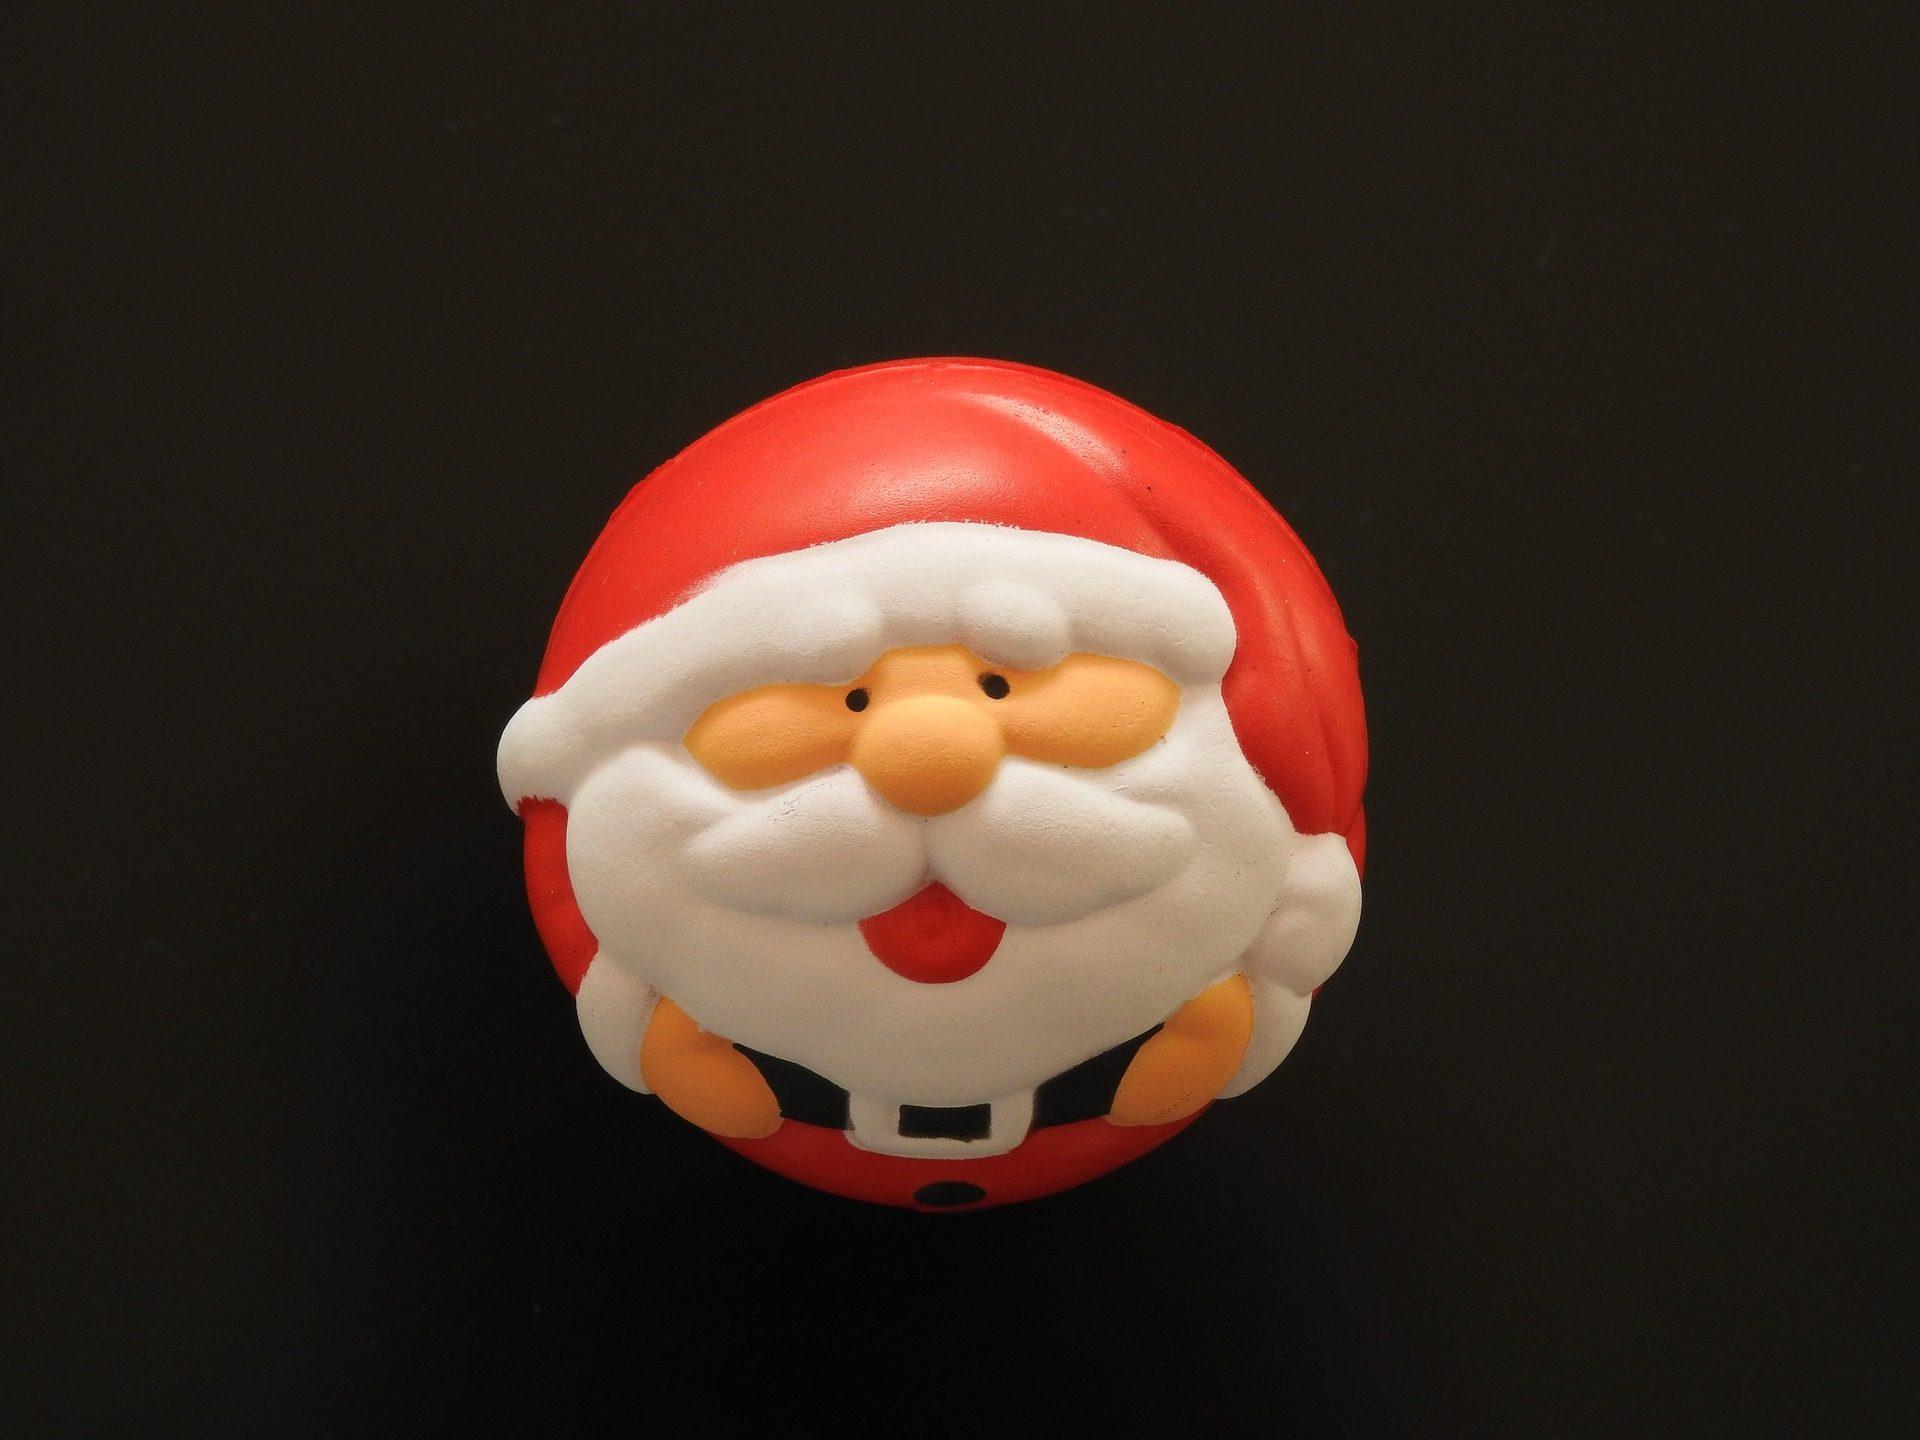 Σχήμα, Παιχνίδι, Papa noel, Αϊ-Βασίλη, Χριστούγεννα - Wallpapers HD - Professor-falken.com